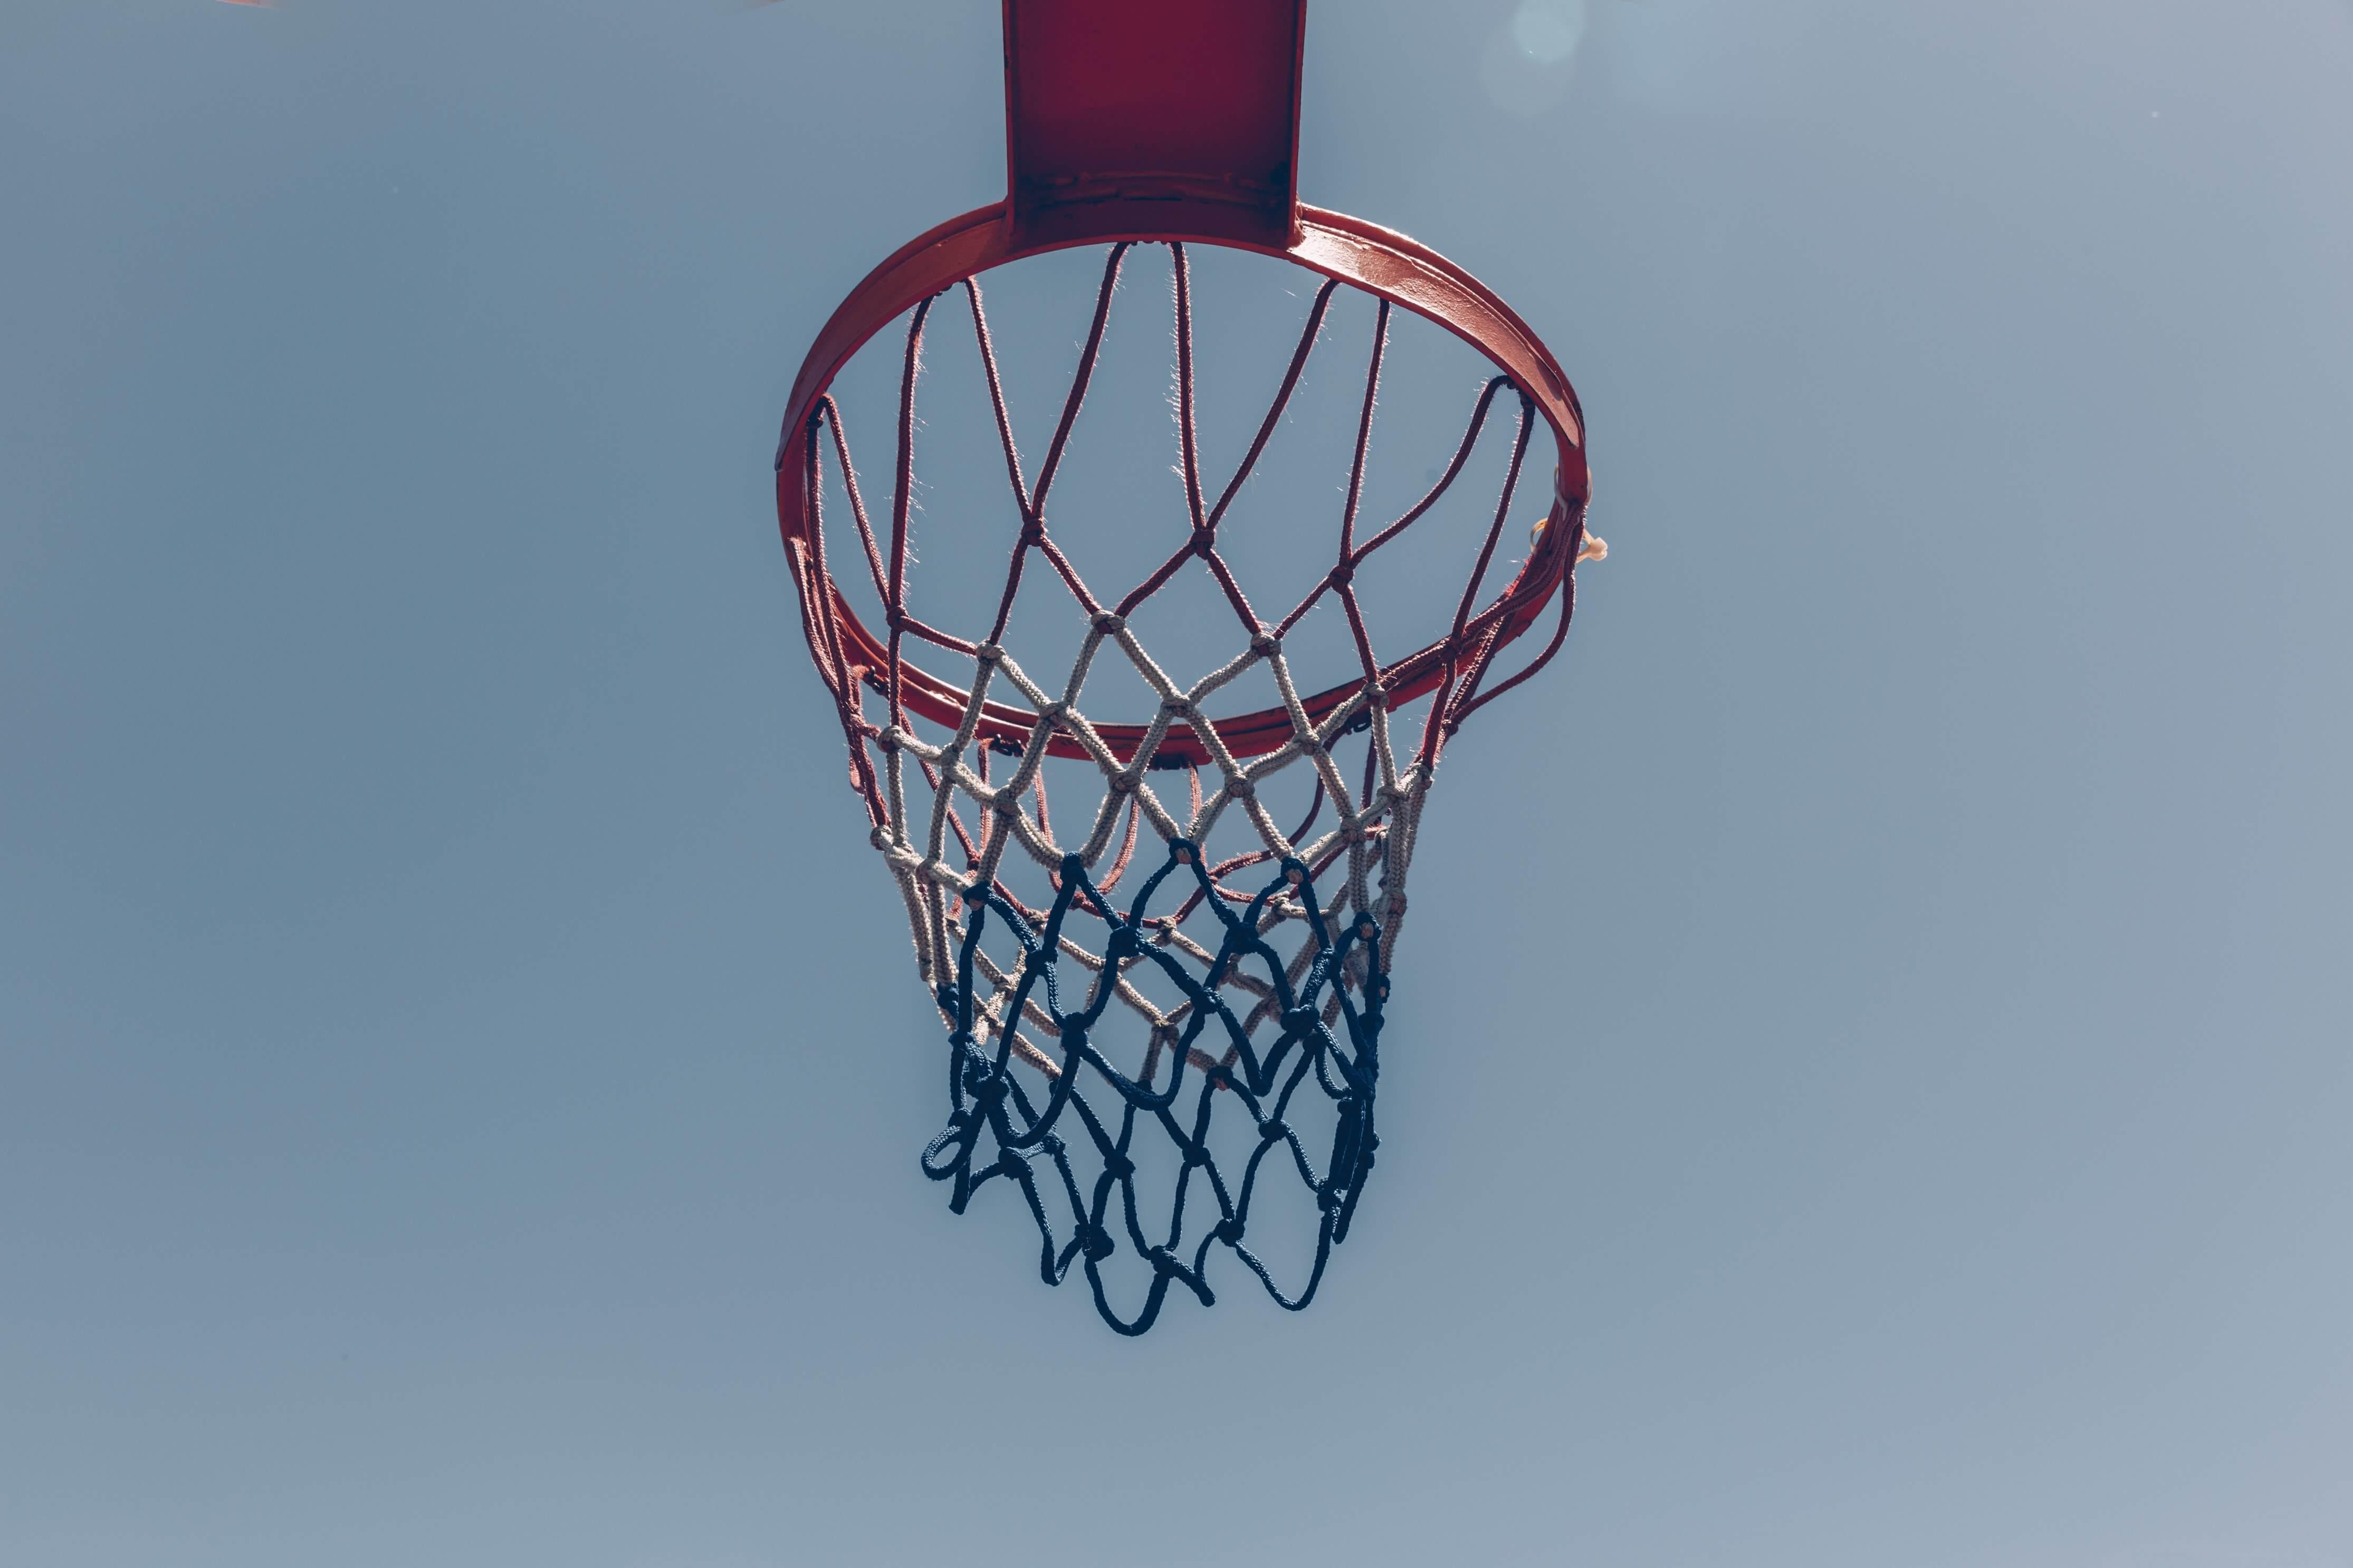 Basketball Headbands for Optimal Comfort and Performance